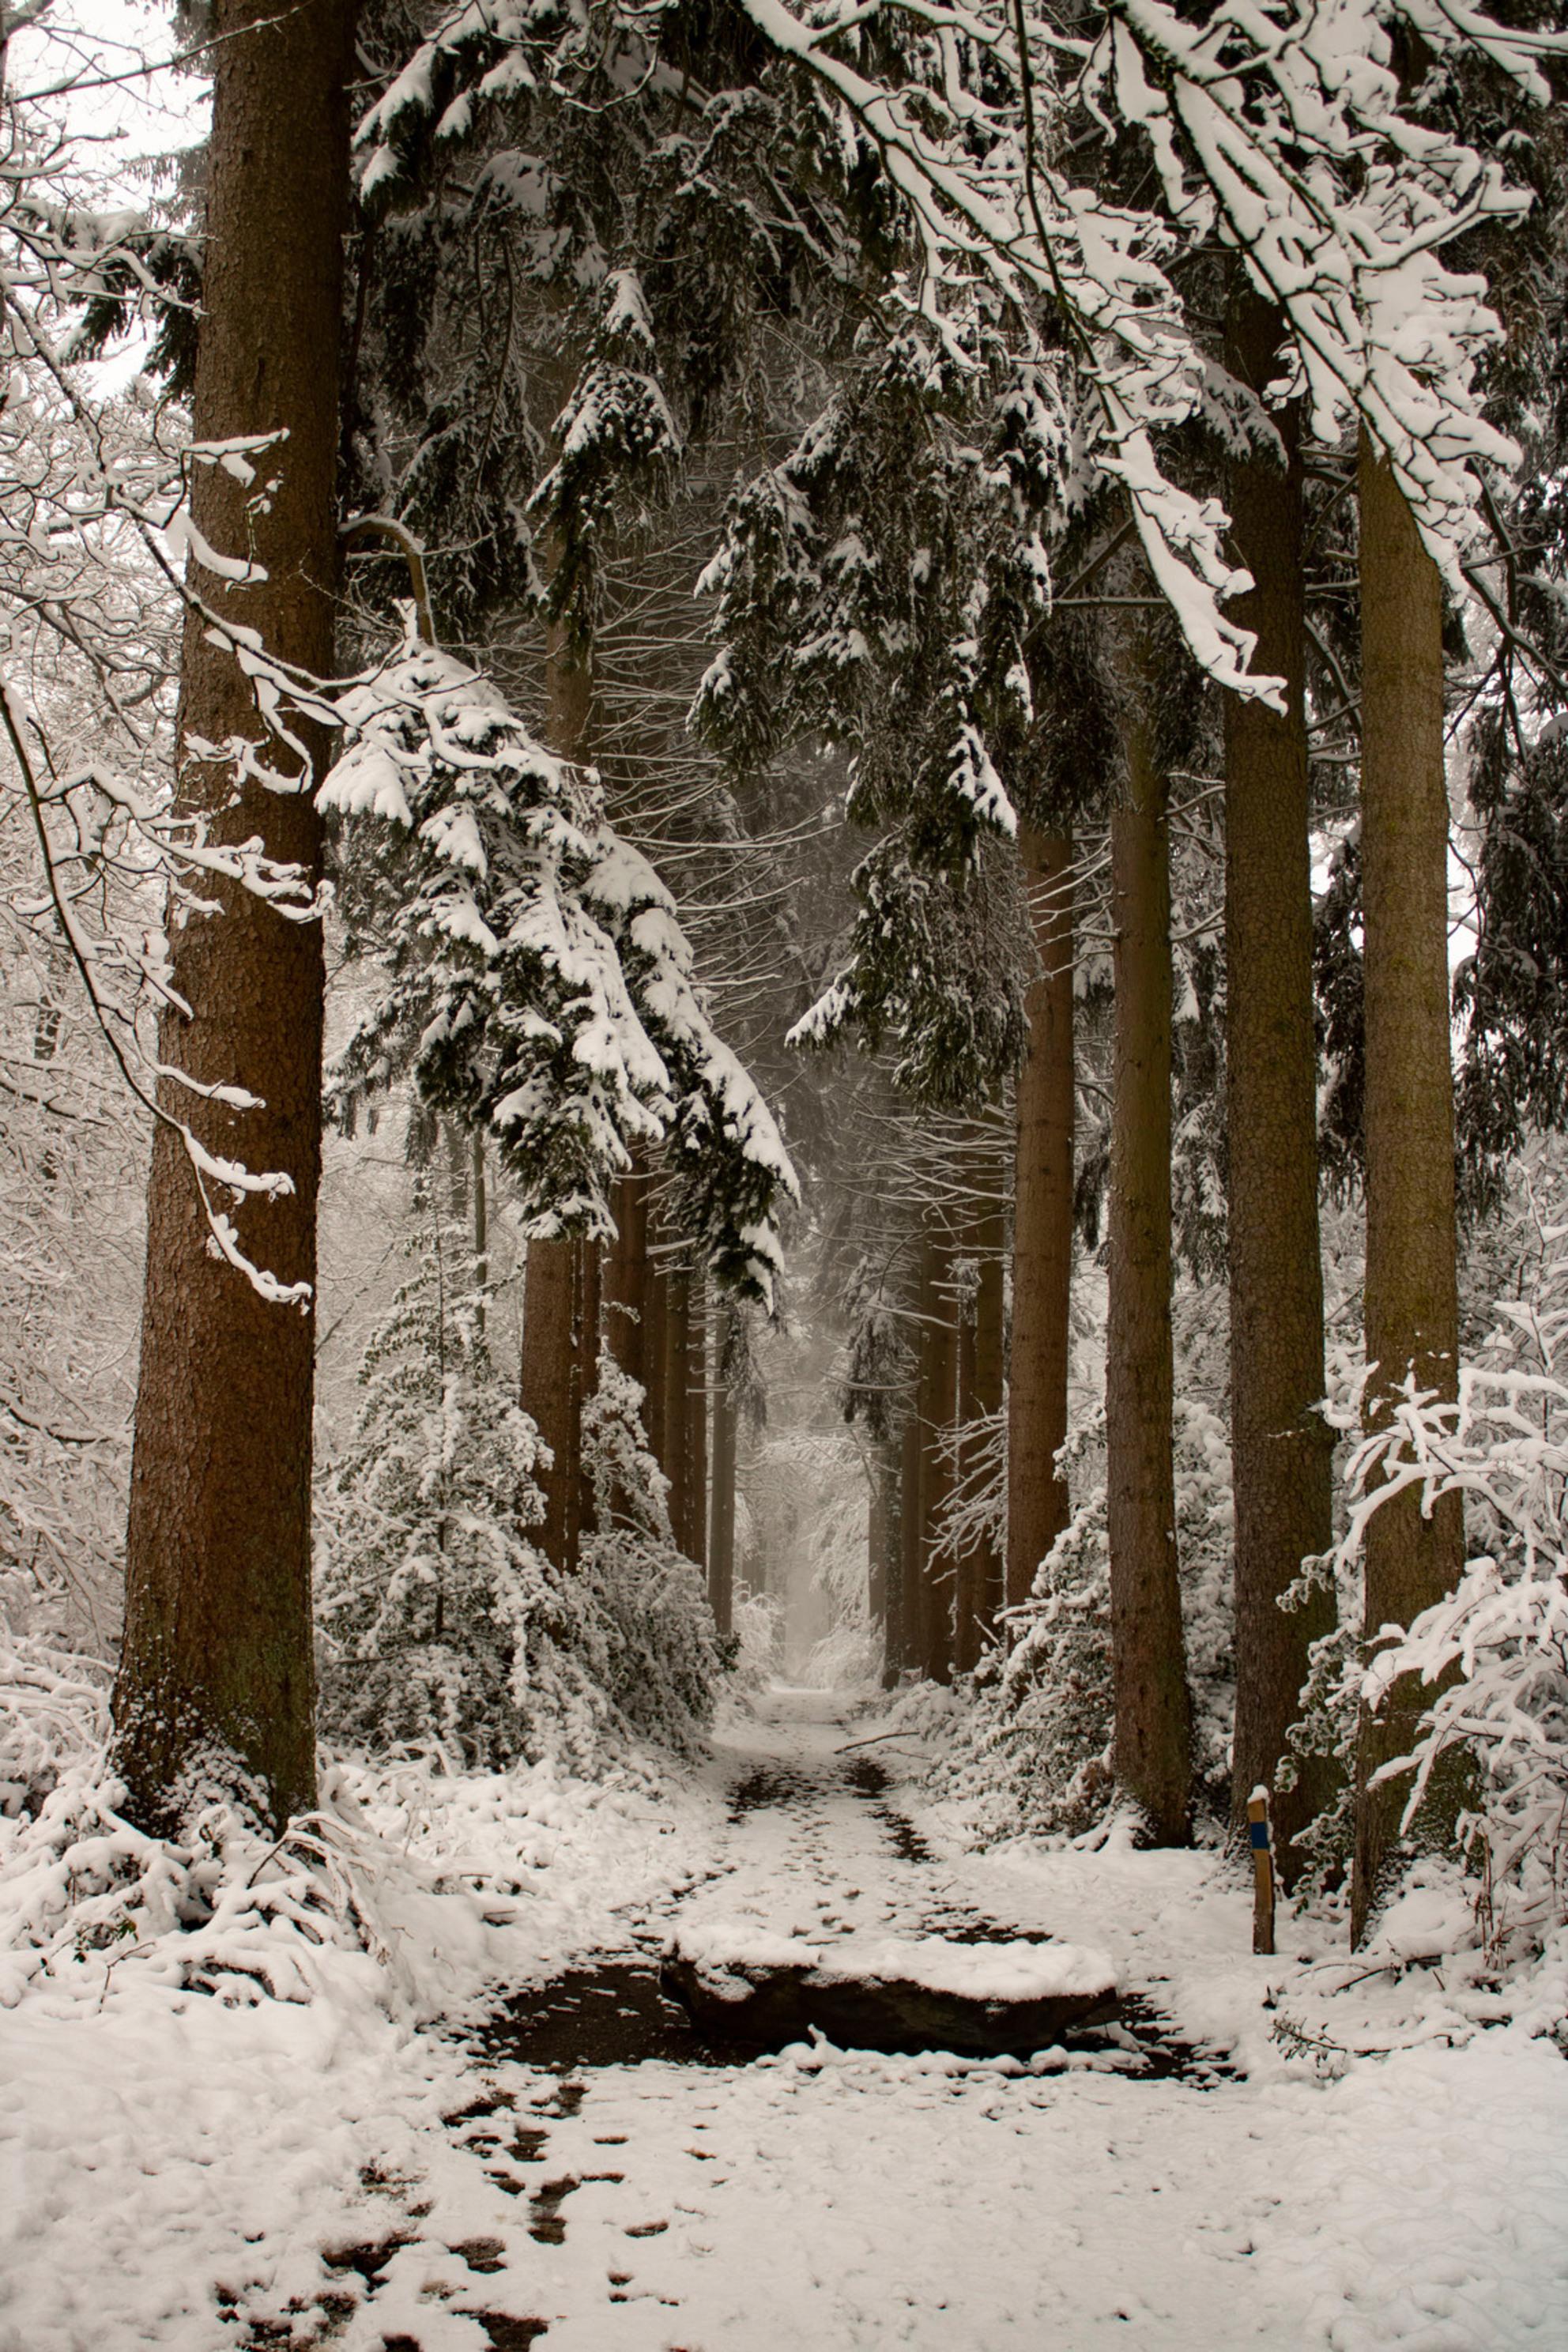 Winterse Ochtend - Ochtendwandeling door het besneeuwde Vijlenerbos, Vijlen, Zuid-Limburg. - foto door Carla34 op 29-01-2021 - deze foto bevat: boom, natuur, ochtend, sneeuw, winter, landschap, bos, nederland, vijlen, vijlenerbos, zuid-limburg, winter wonderland - Deze foto mag gebruikt worden in een Zoom.nl publicatie